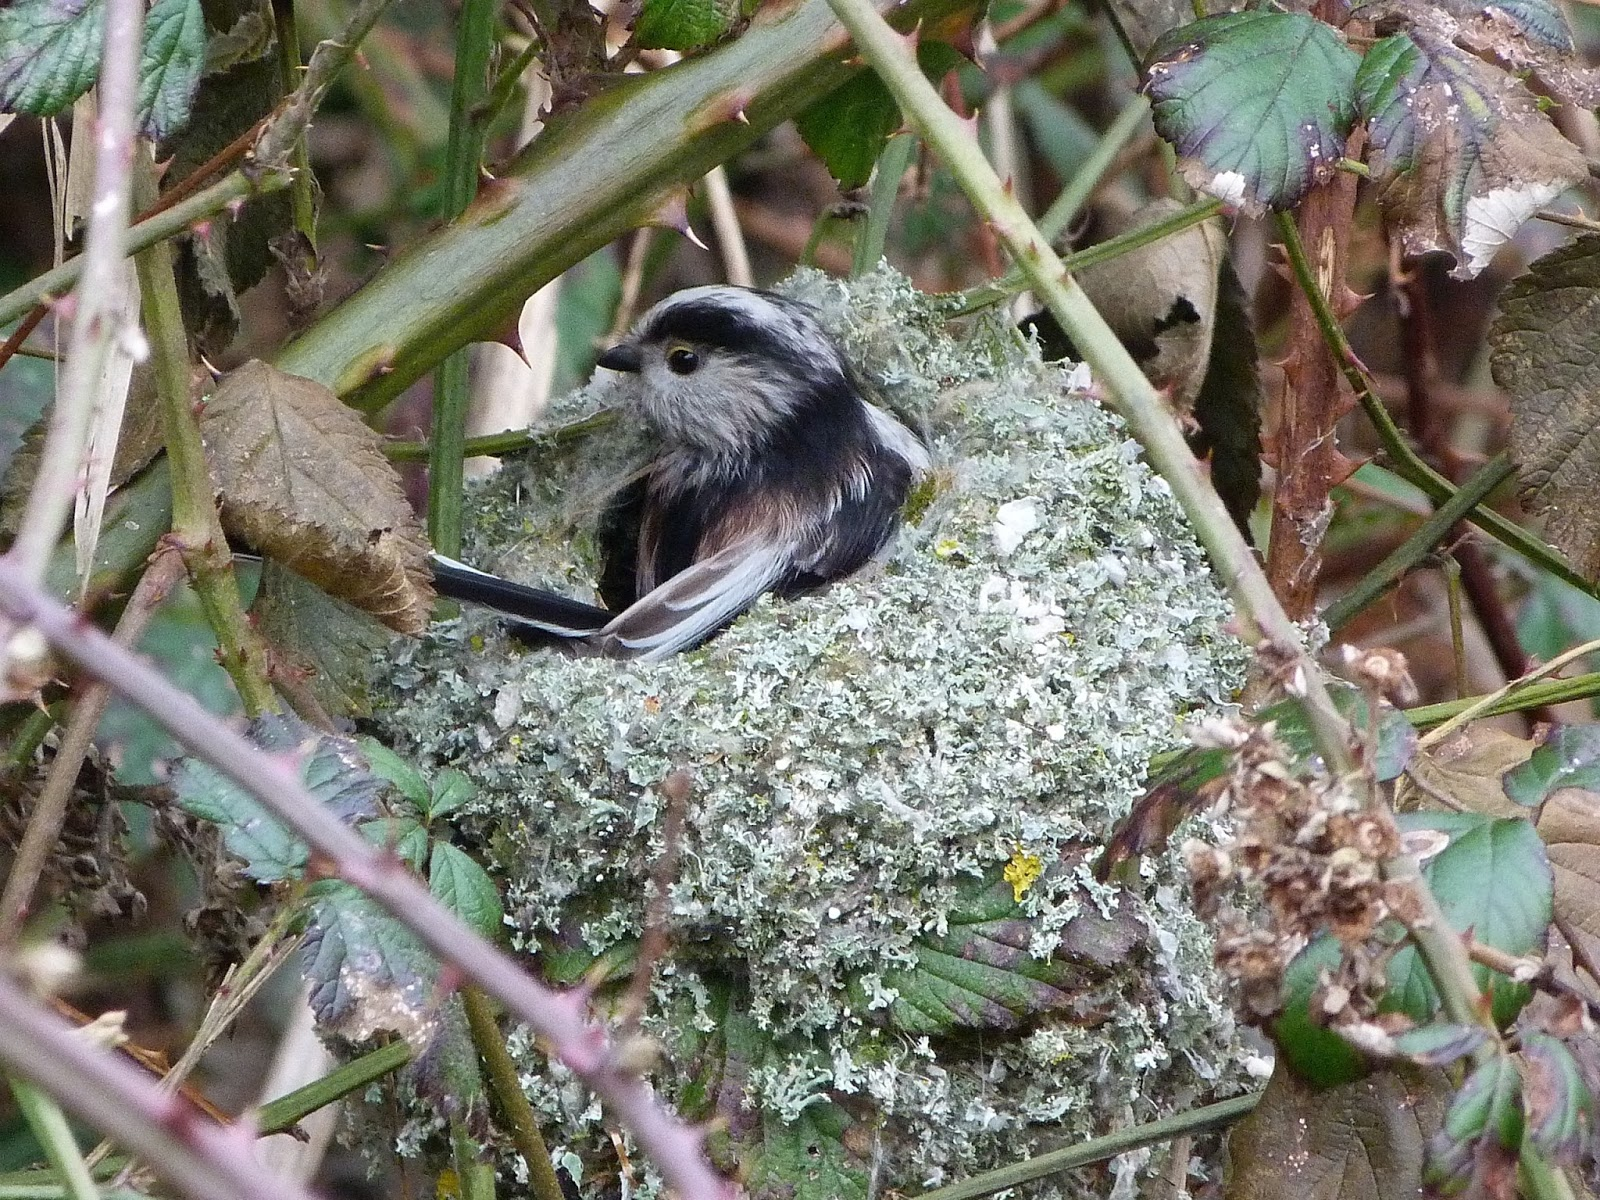 Tổ chim bạc má đuôi dài